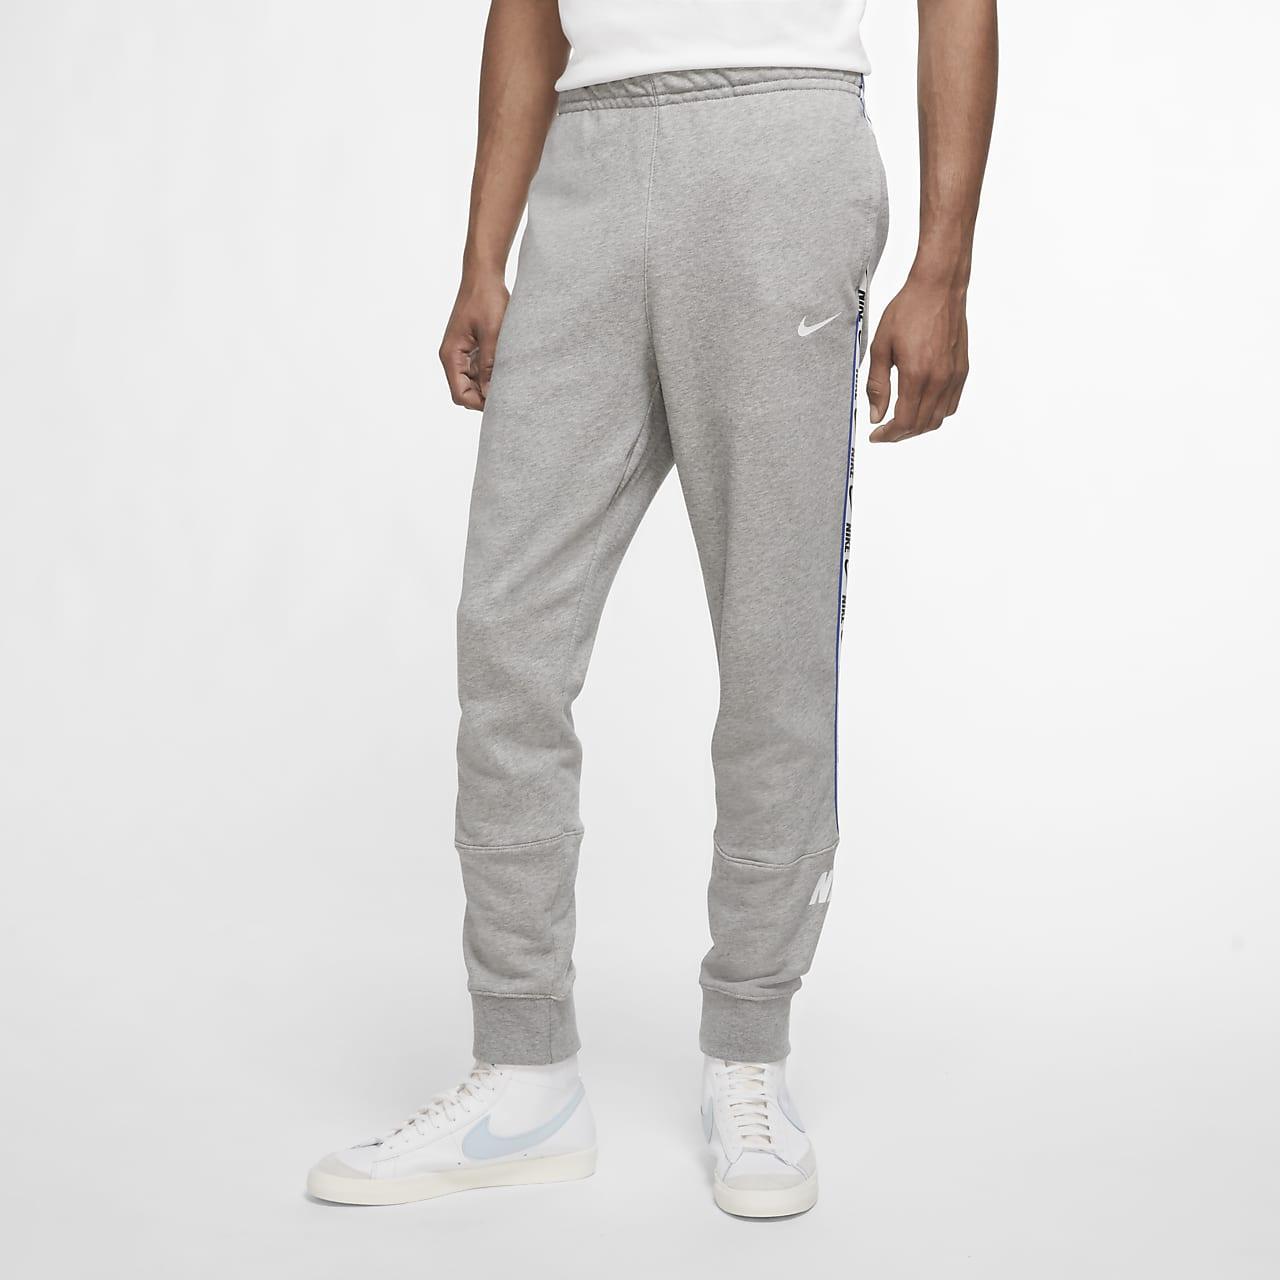 Ανδρικό παντελόνι φόρμας από ύφασμα French Terry Nike Sportswear